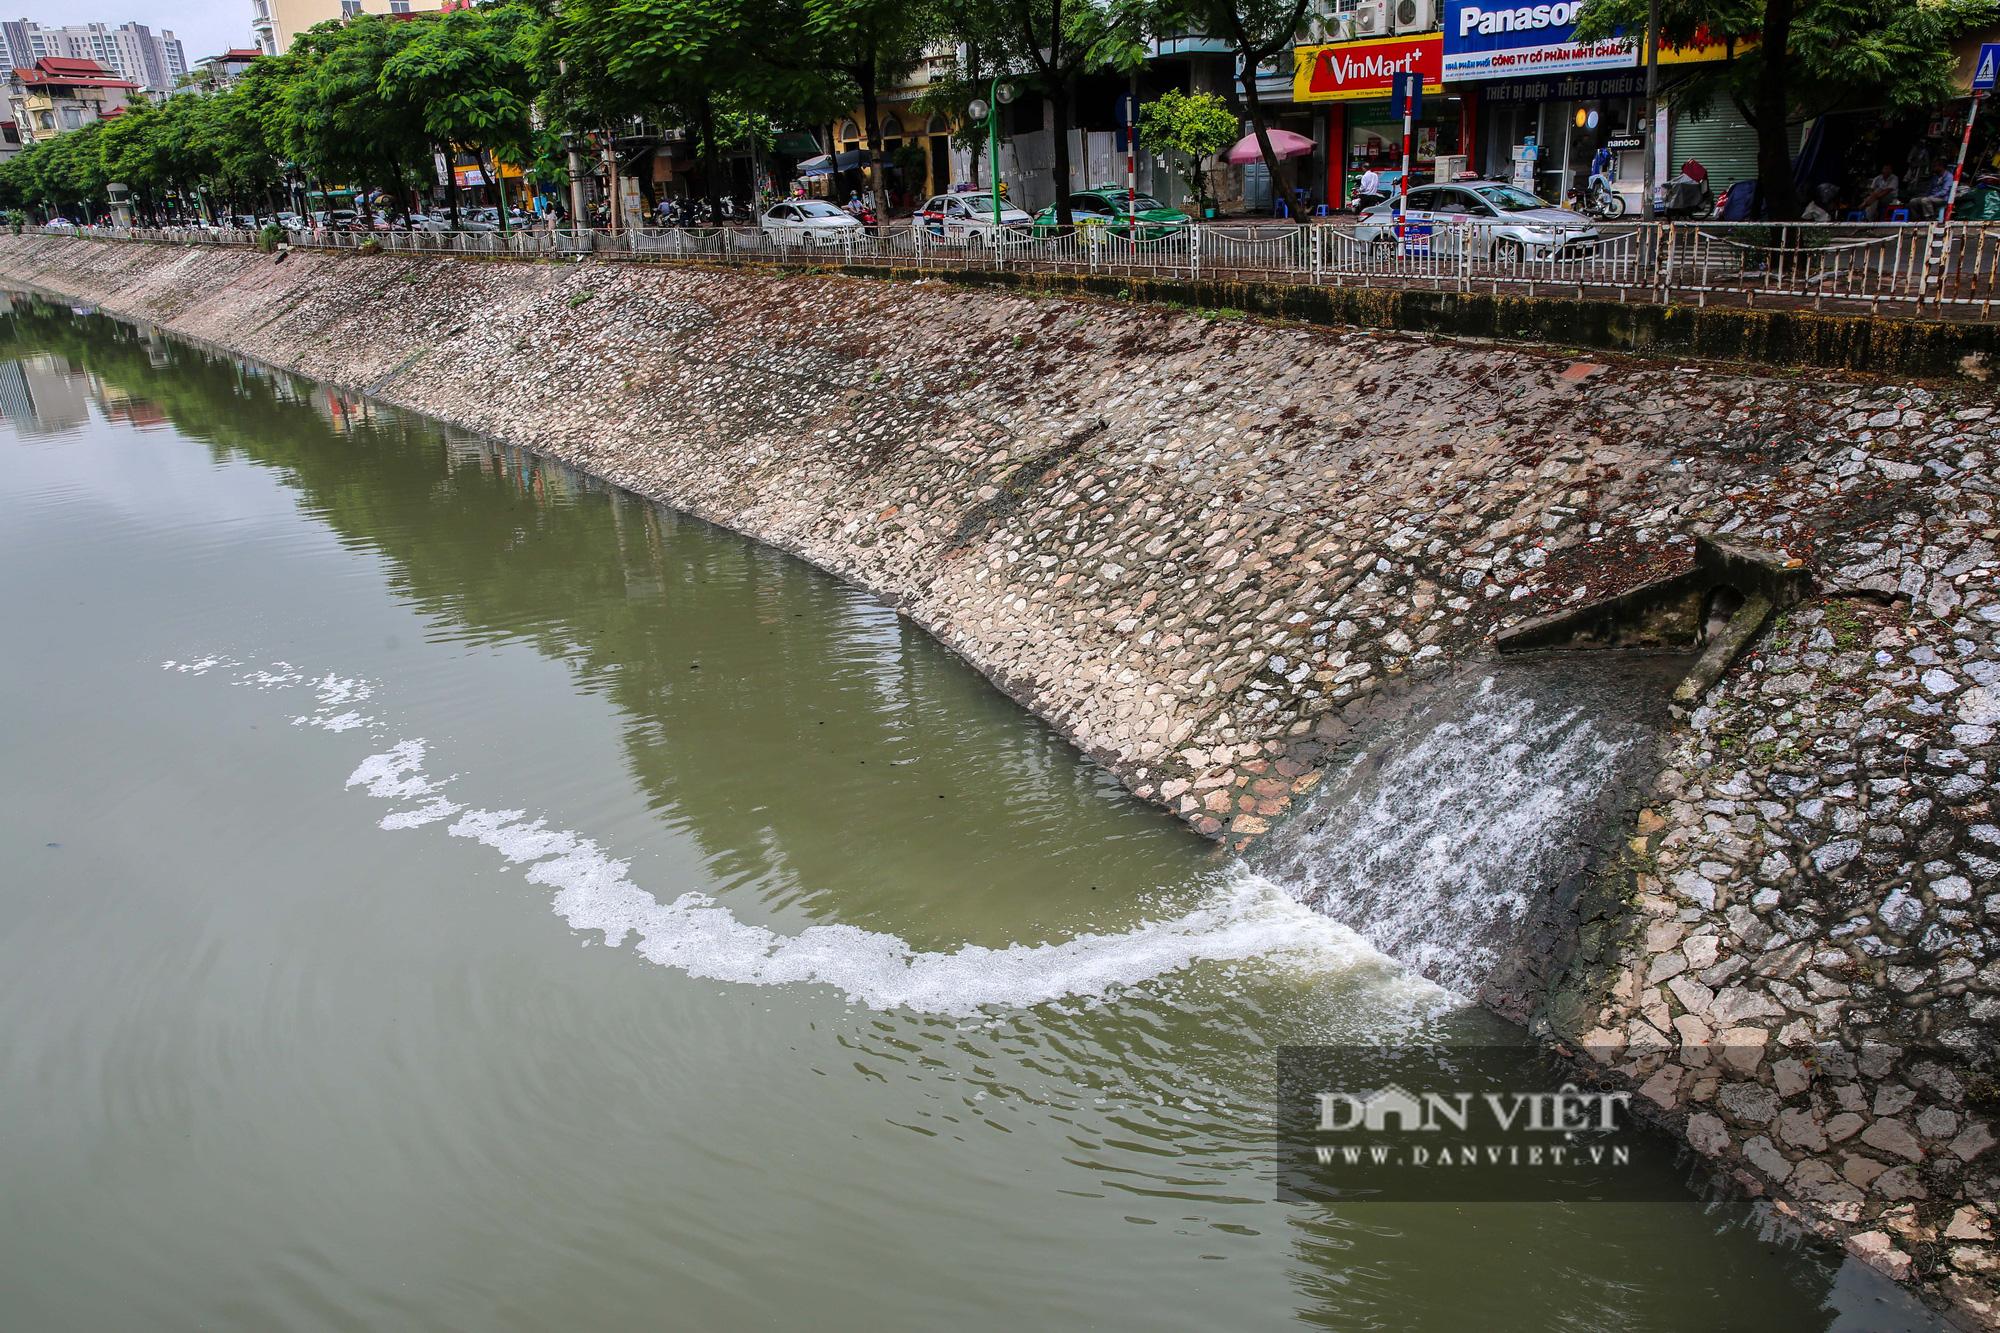 Nhìn lại 10 dự án tiêu biểu do ông Nguyễn Đức Chung - Chủ tịch TP Hà Nội chỉ đạo - Ảnh 5.